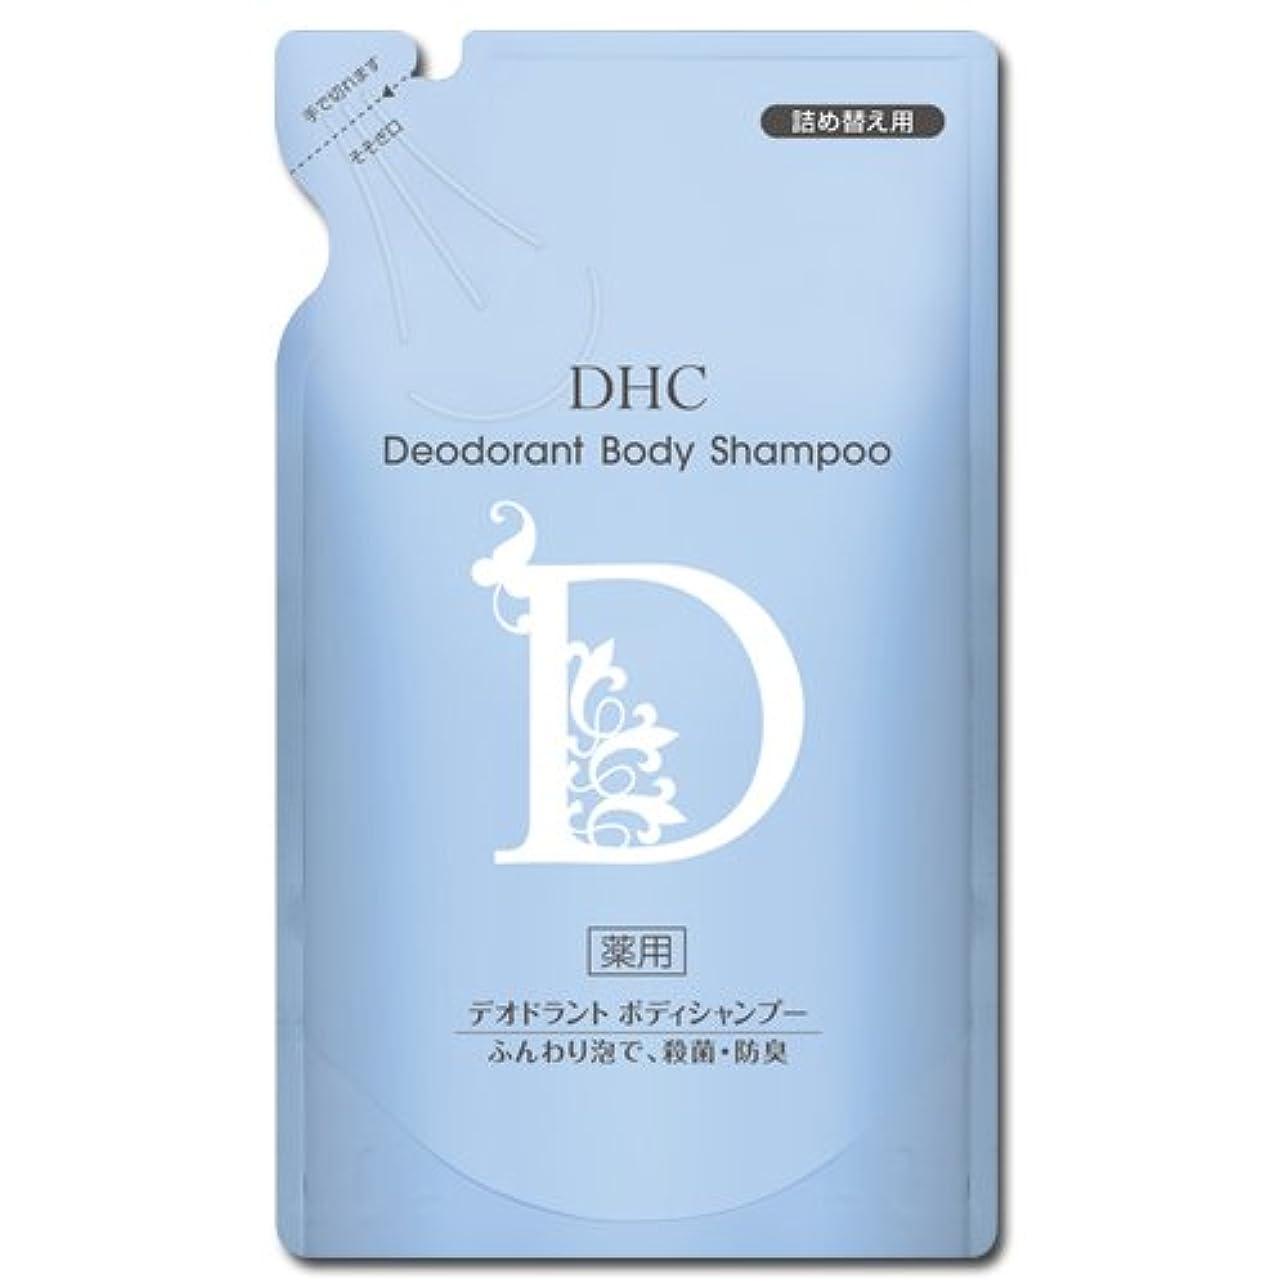 祭司決定的完全に【医薬部外品】DHC薬用デオドラント ボディシャンプー 詰め替え用